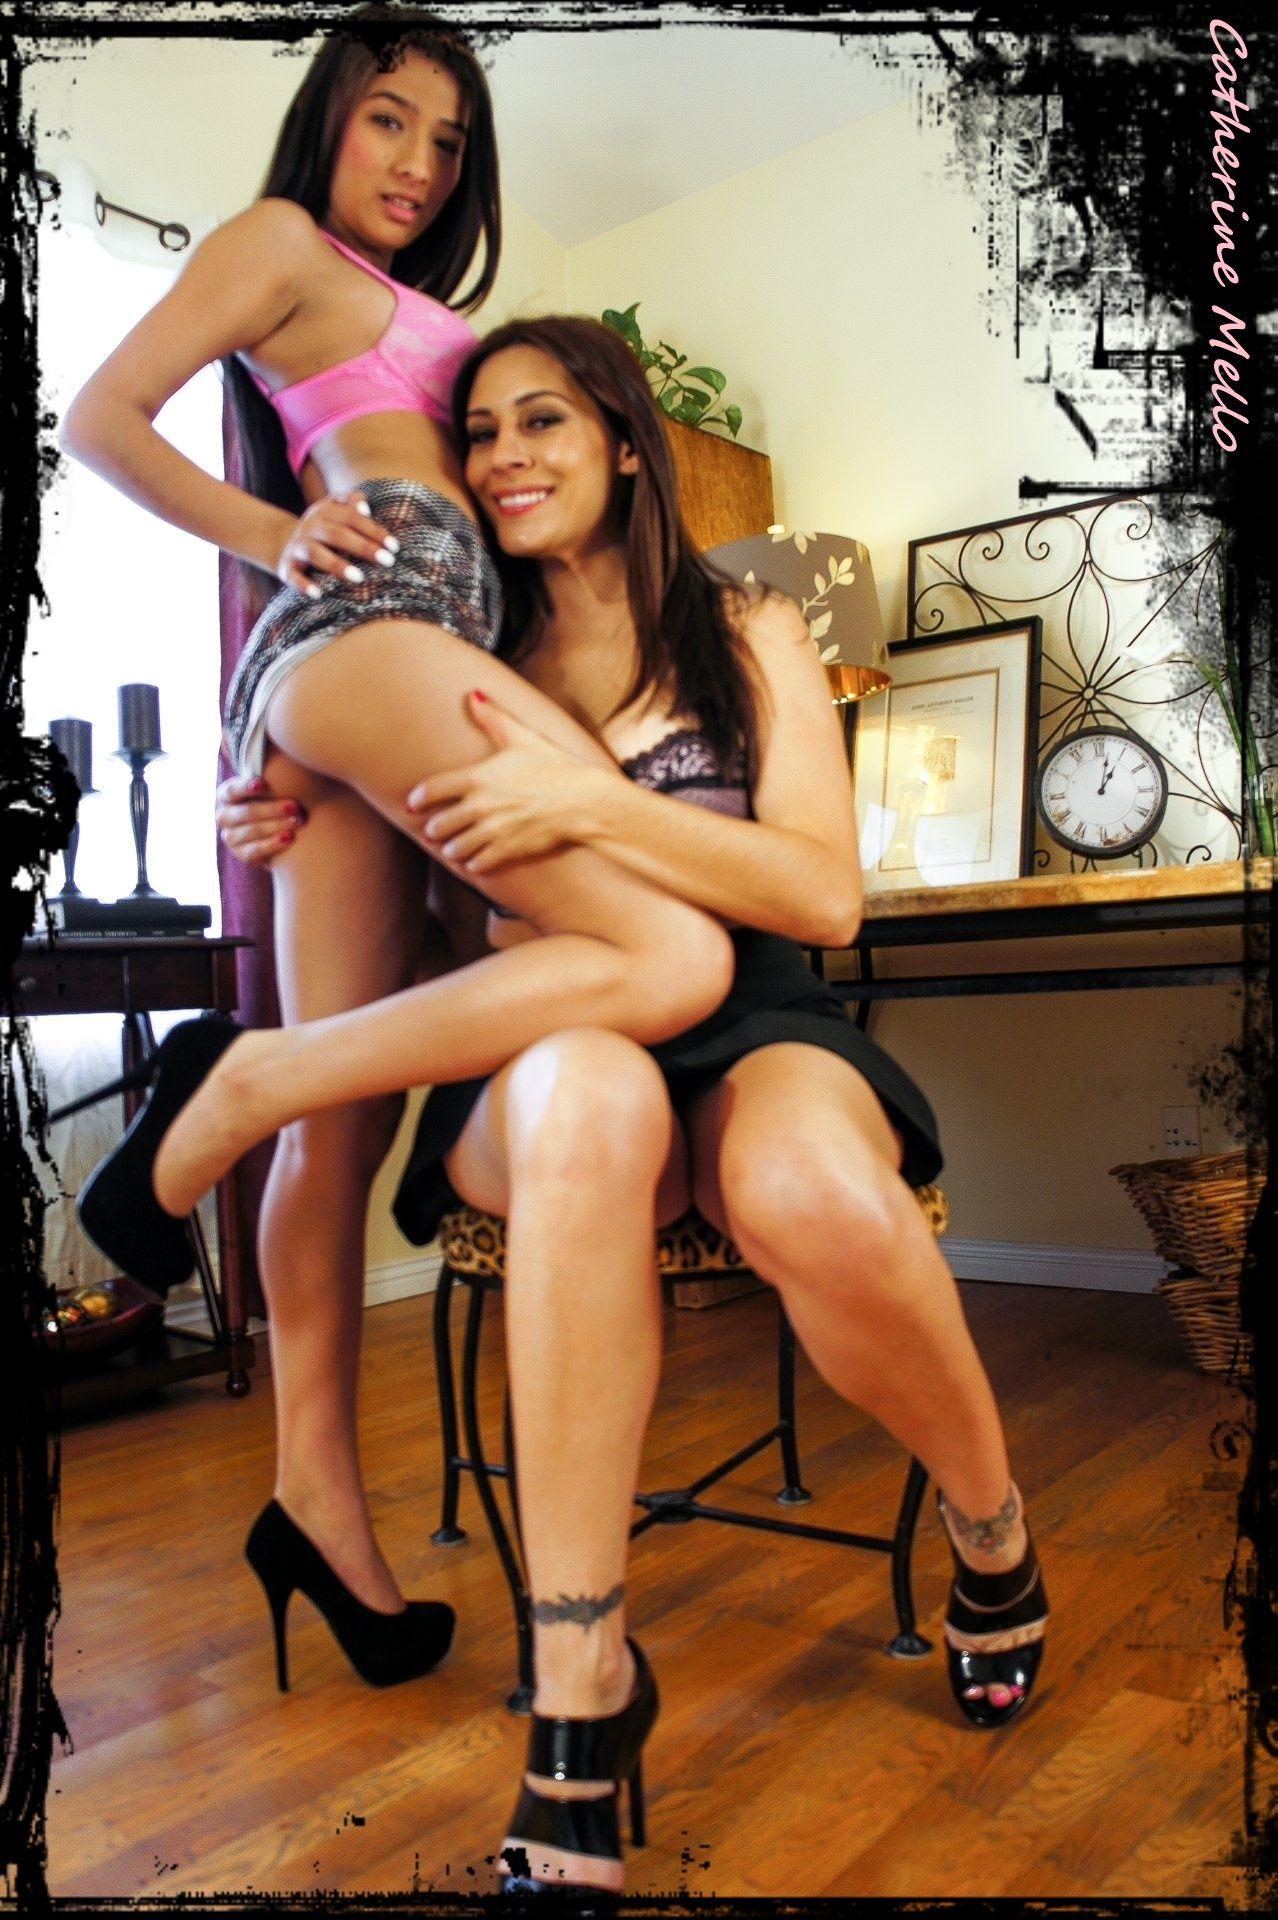 Hot asian women kissing